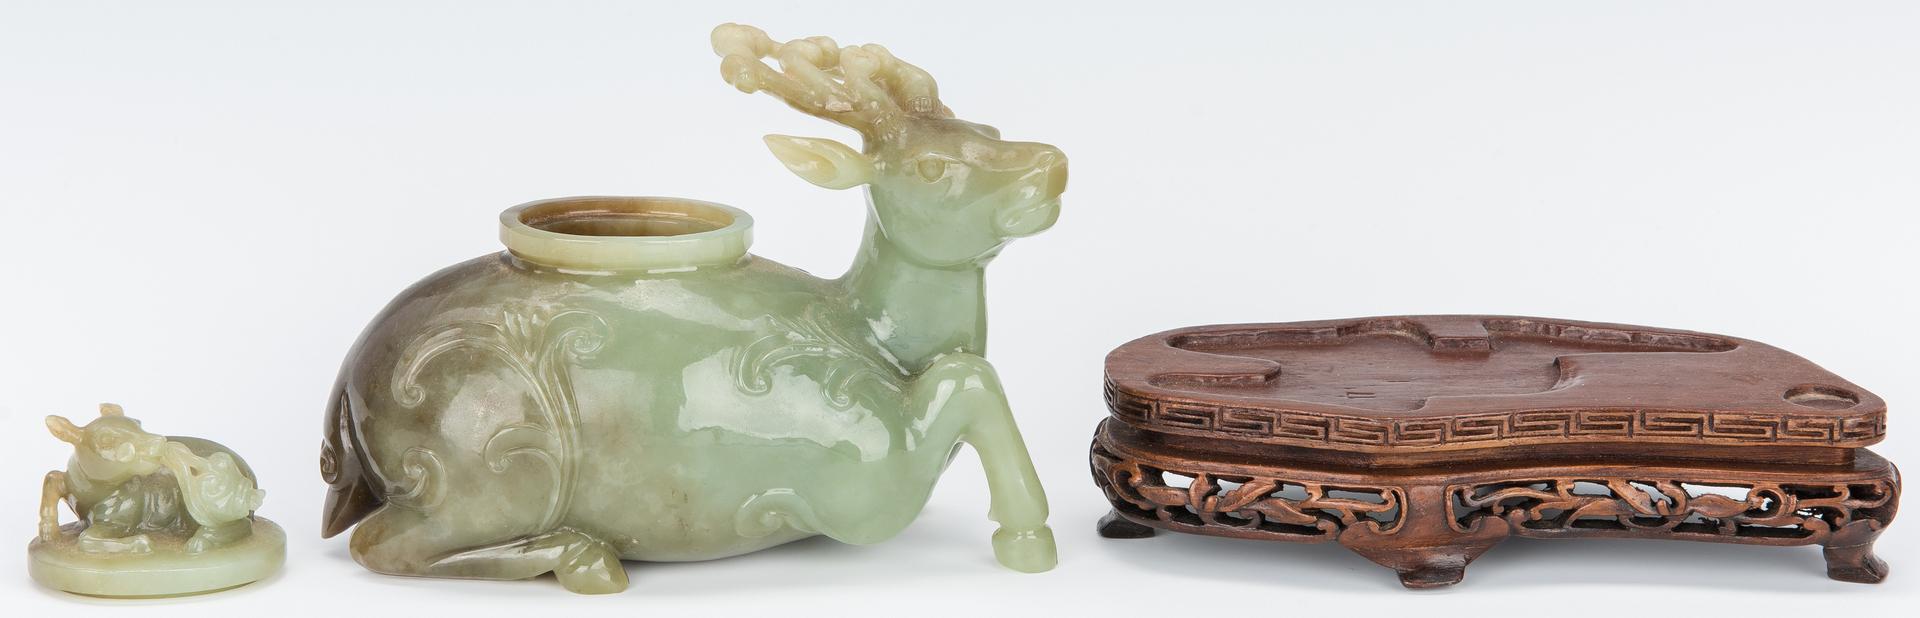 Lot 321: Chinese Jade Carved Figural Box, Deer w/ Deer Top